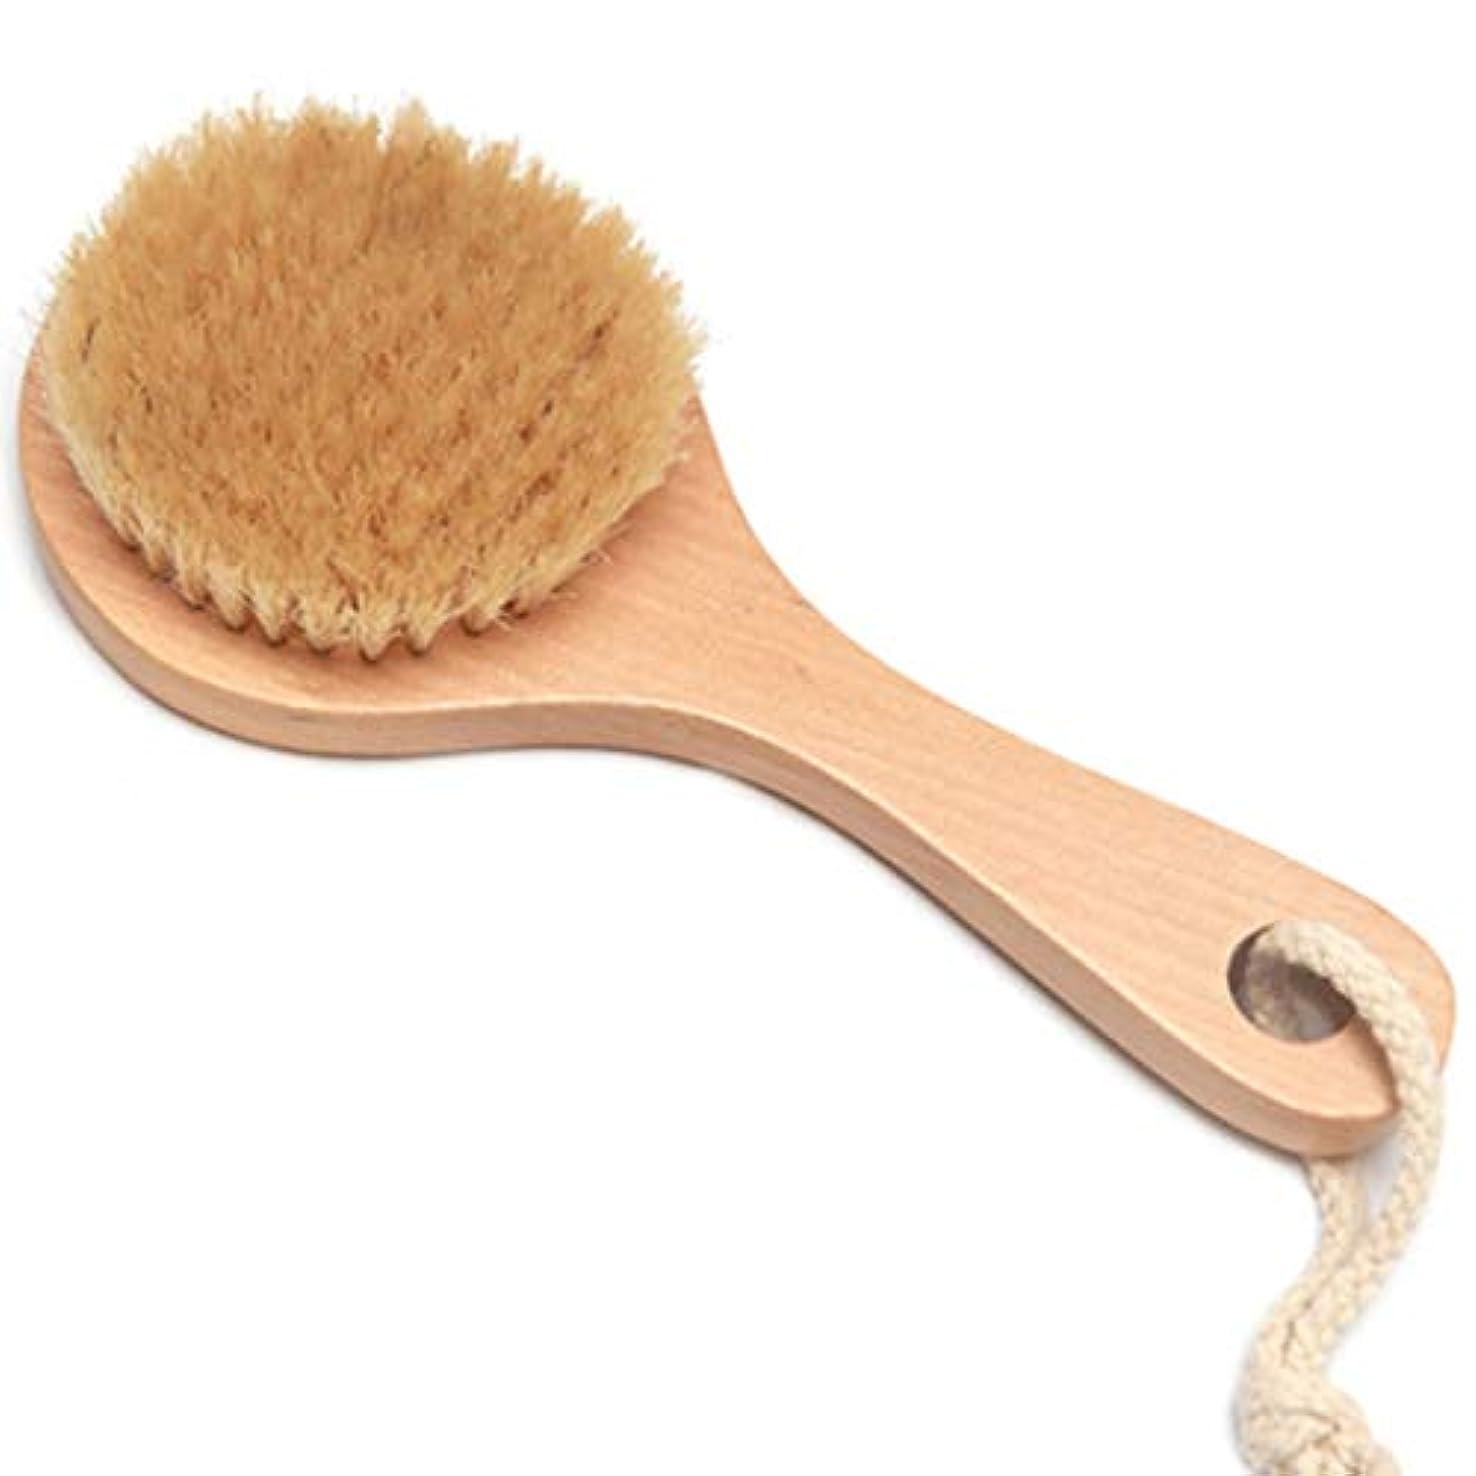 ヒステリック挽く義務づけるバスブラシバックブラシロングハンドルやわらかい毛髪バスブラシバスブラシ角質除去クリーニングブラシ (Color : Wood color, Size : 20*7.5cm)